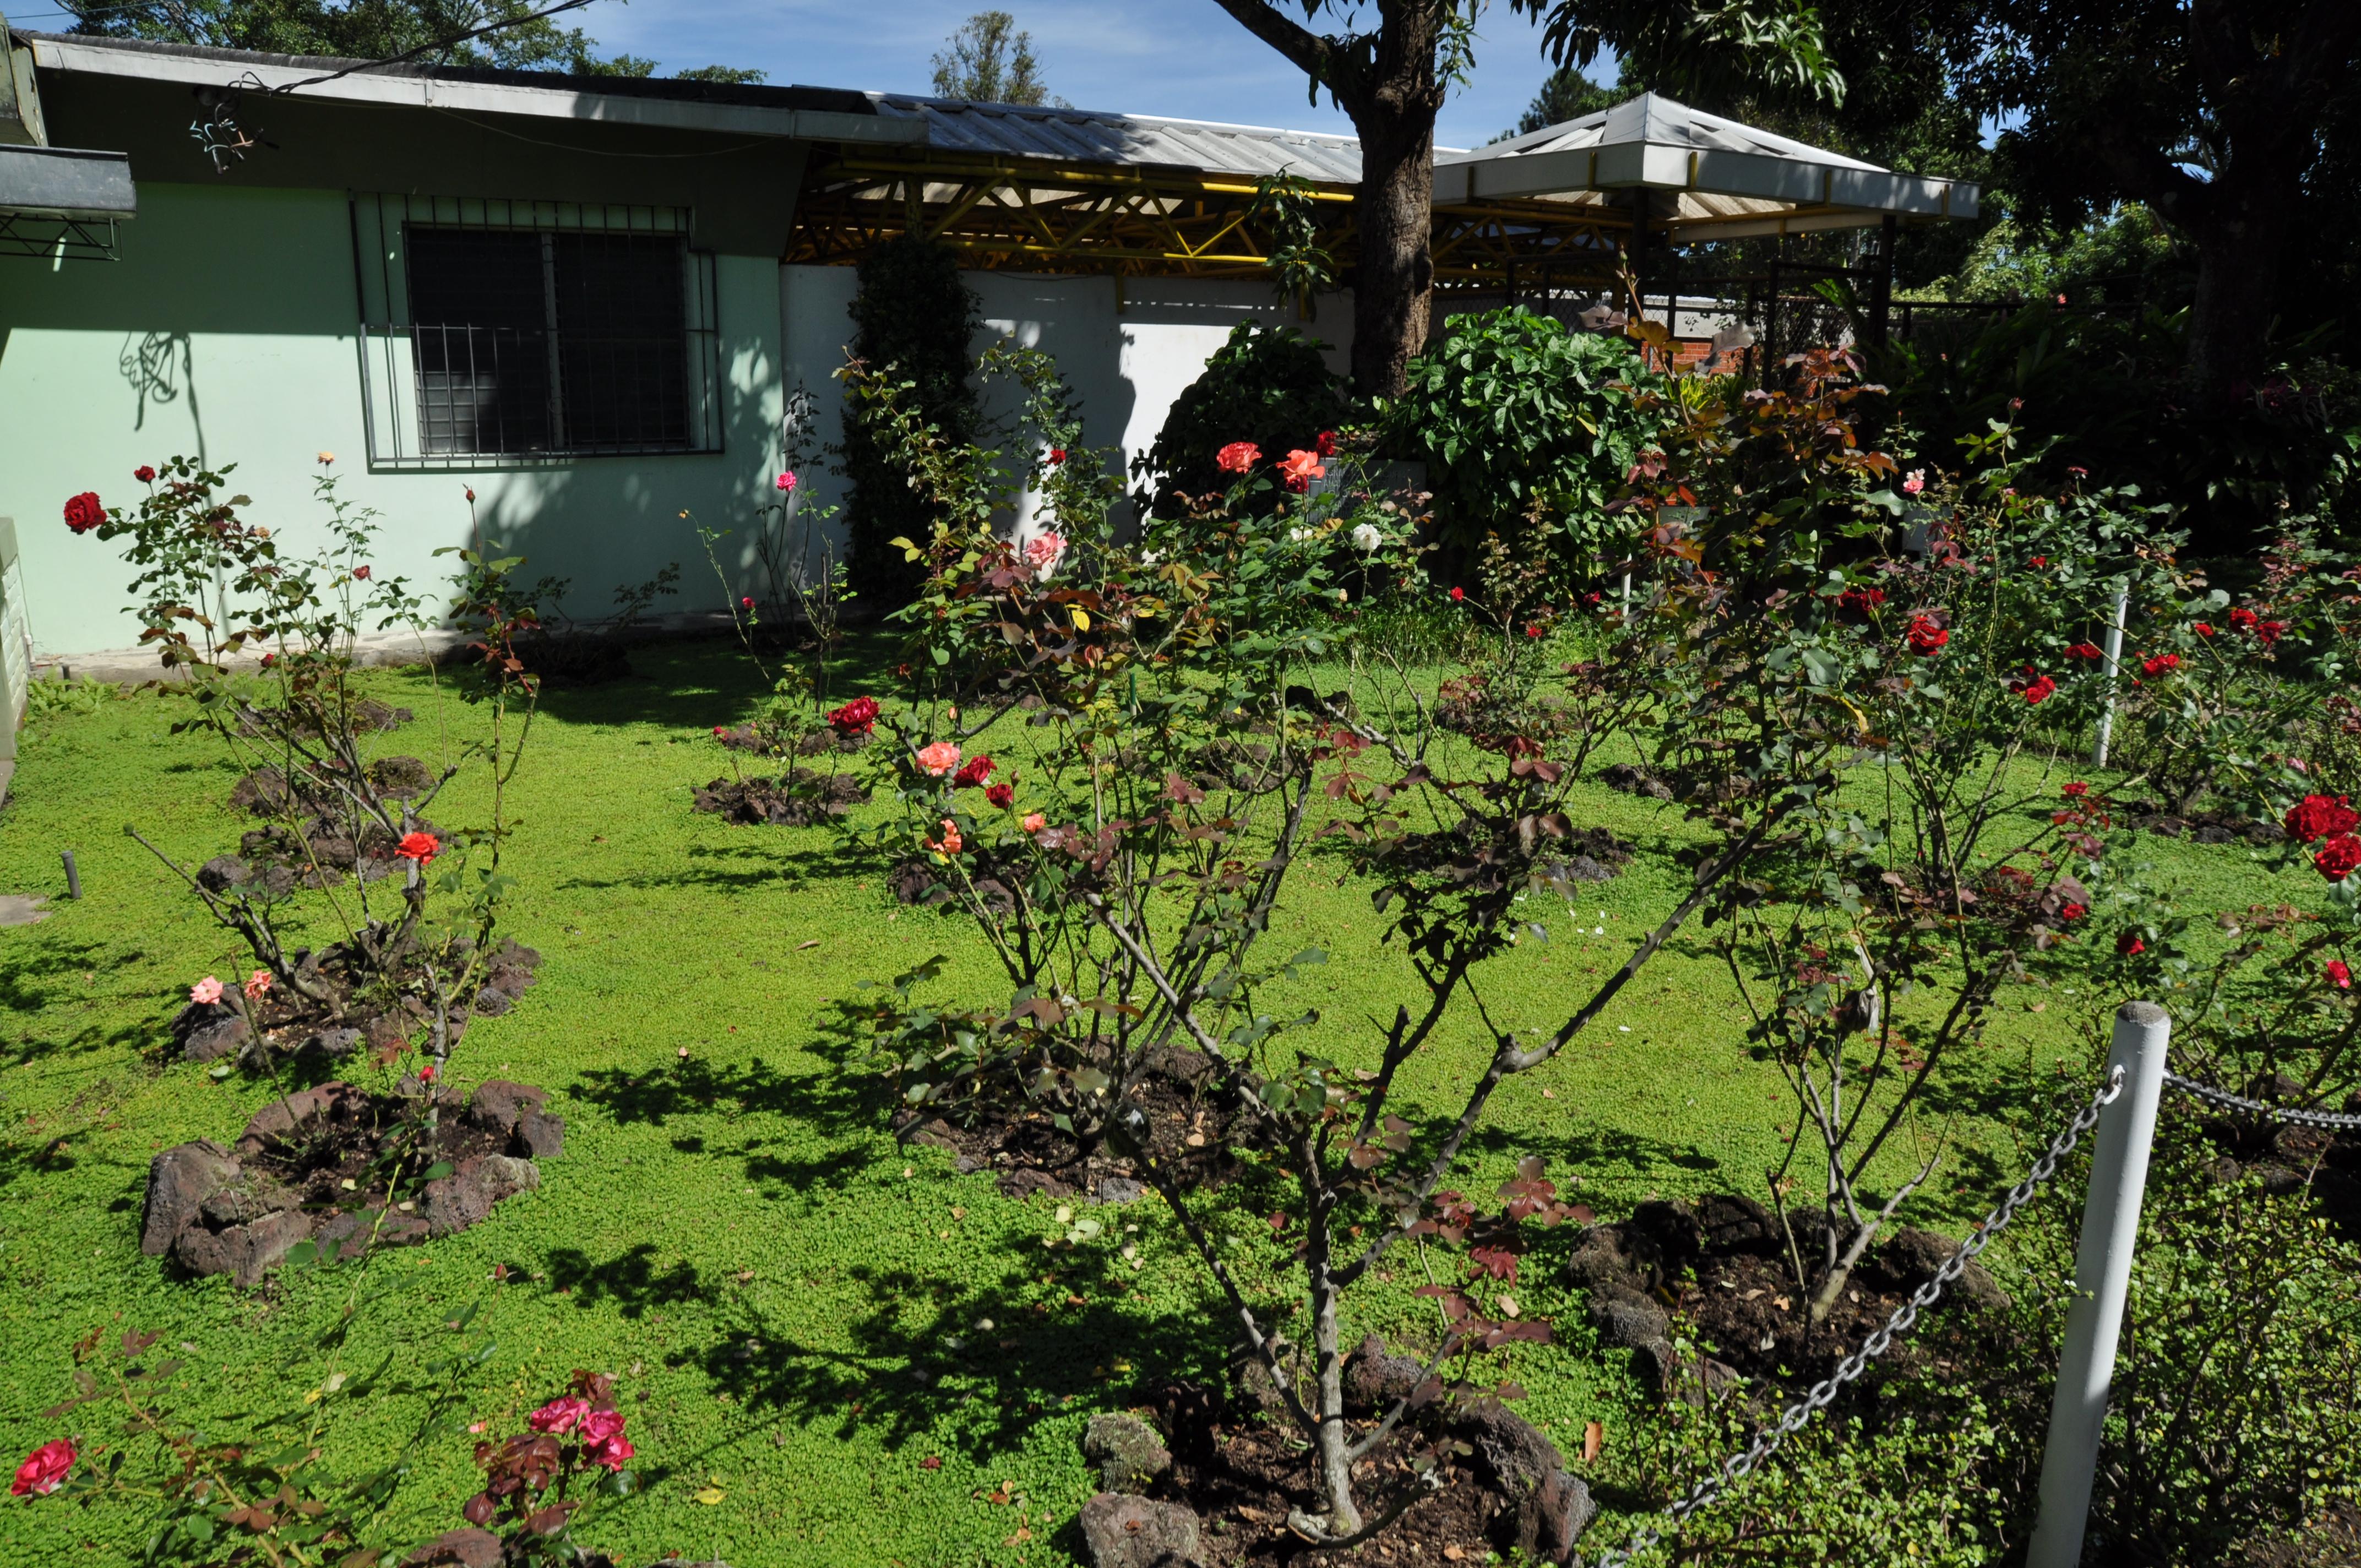 File:Mártires de la UCA - Jardín de las Rosas 3.jpg ...